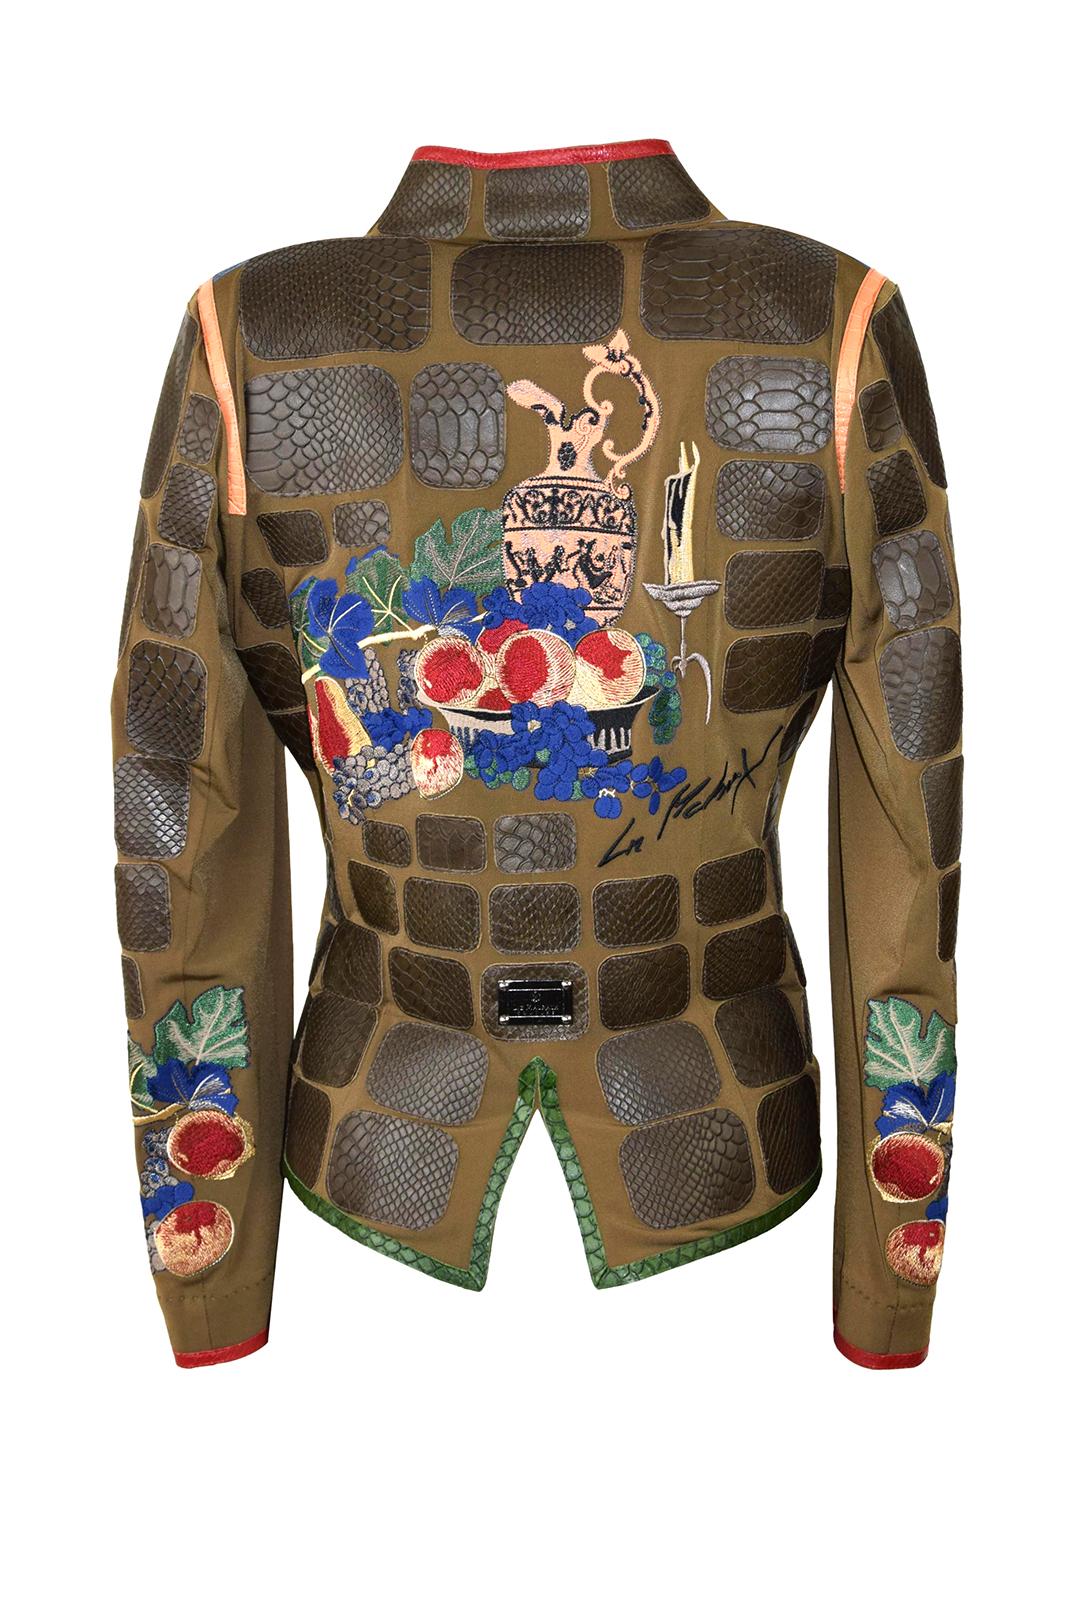 """Jacke, oliv mit multicolor- Kontrasten, Krokopatches und """"Still-Life-embroidery"""" Patches: ab 130 Stück, stitches: 206.000"""